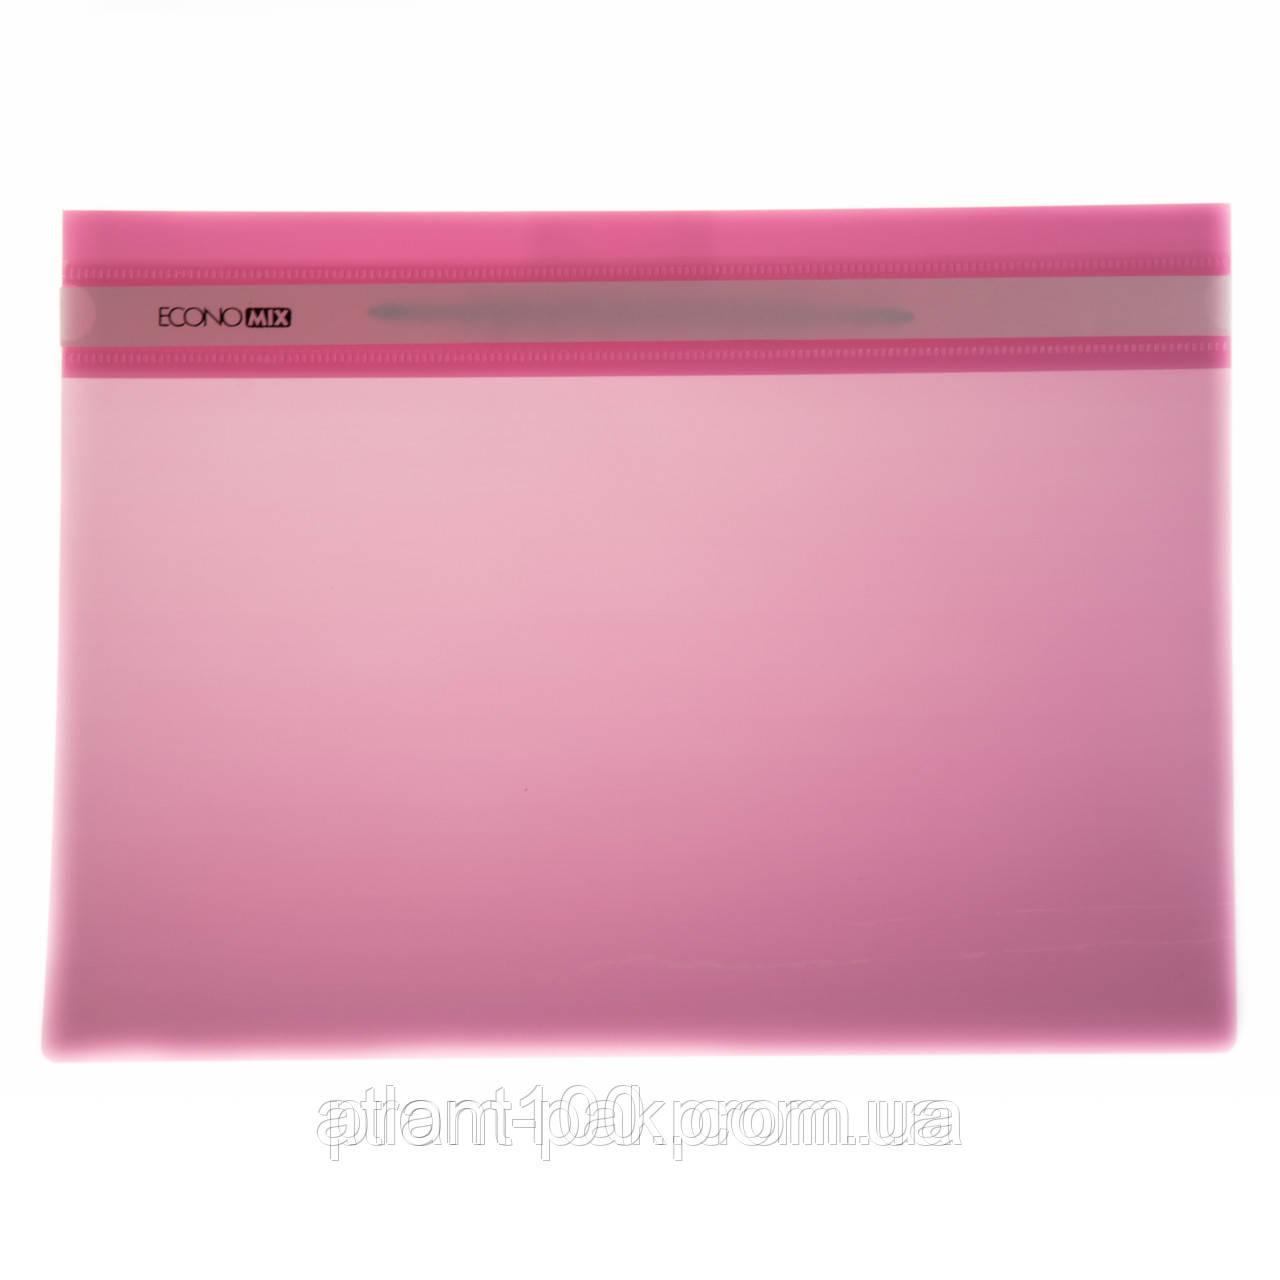 Скоросшиватель пластиковый а4 Economix  31511-09 розовый